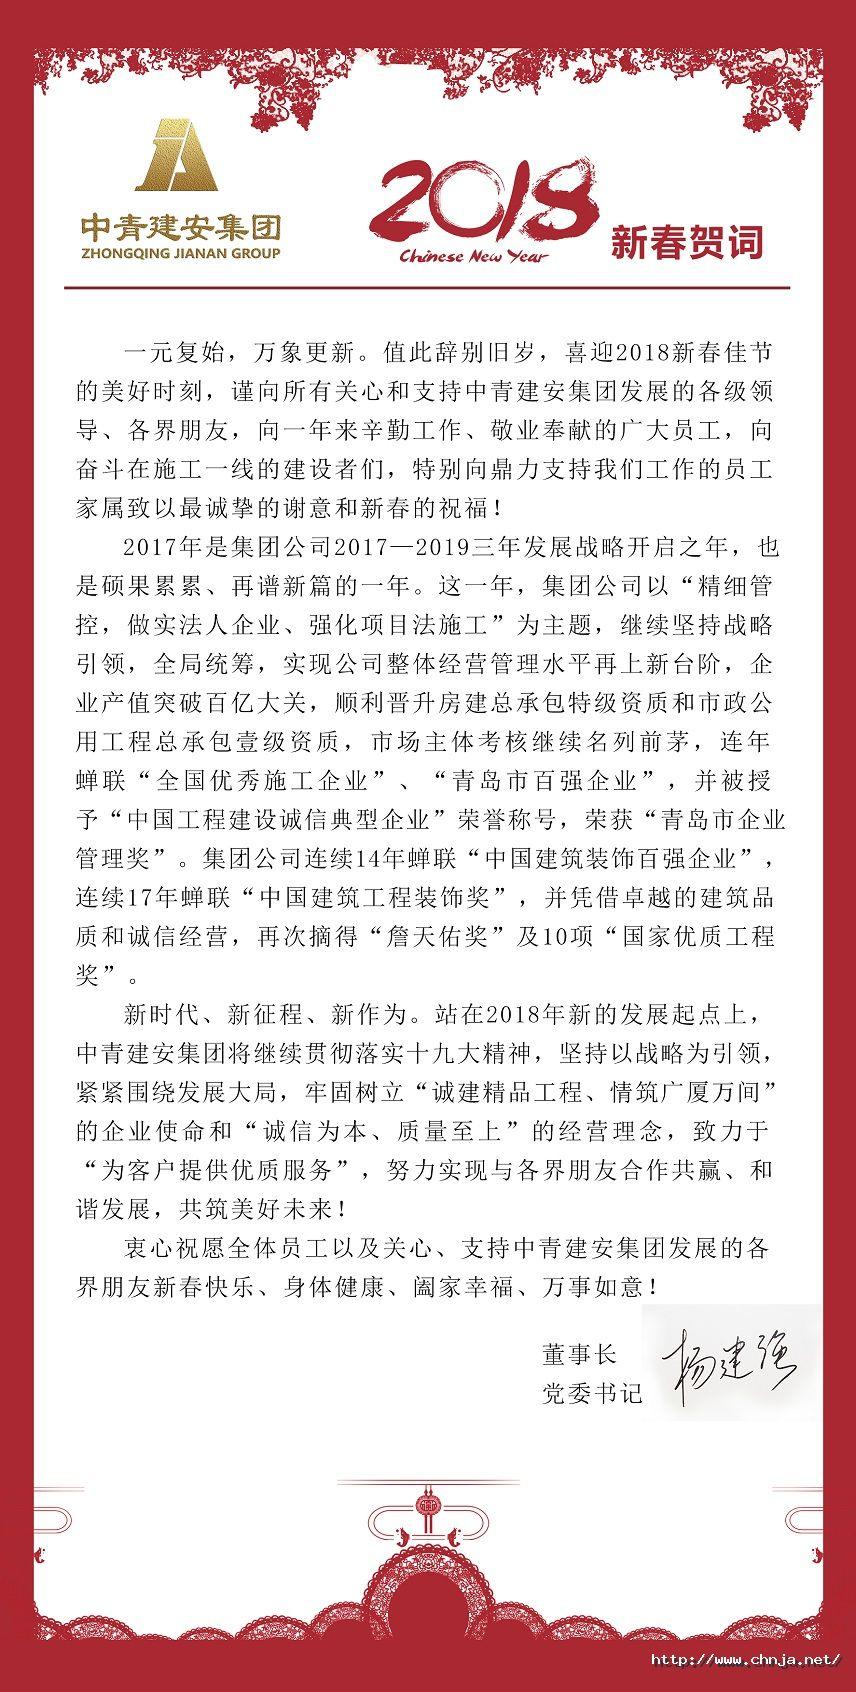 2018新春贺词(调整)856.jpg